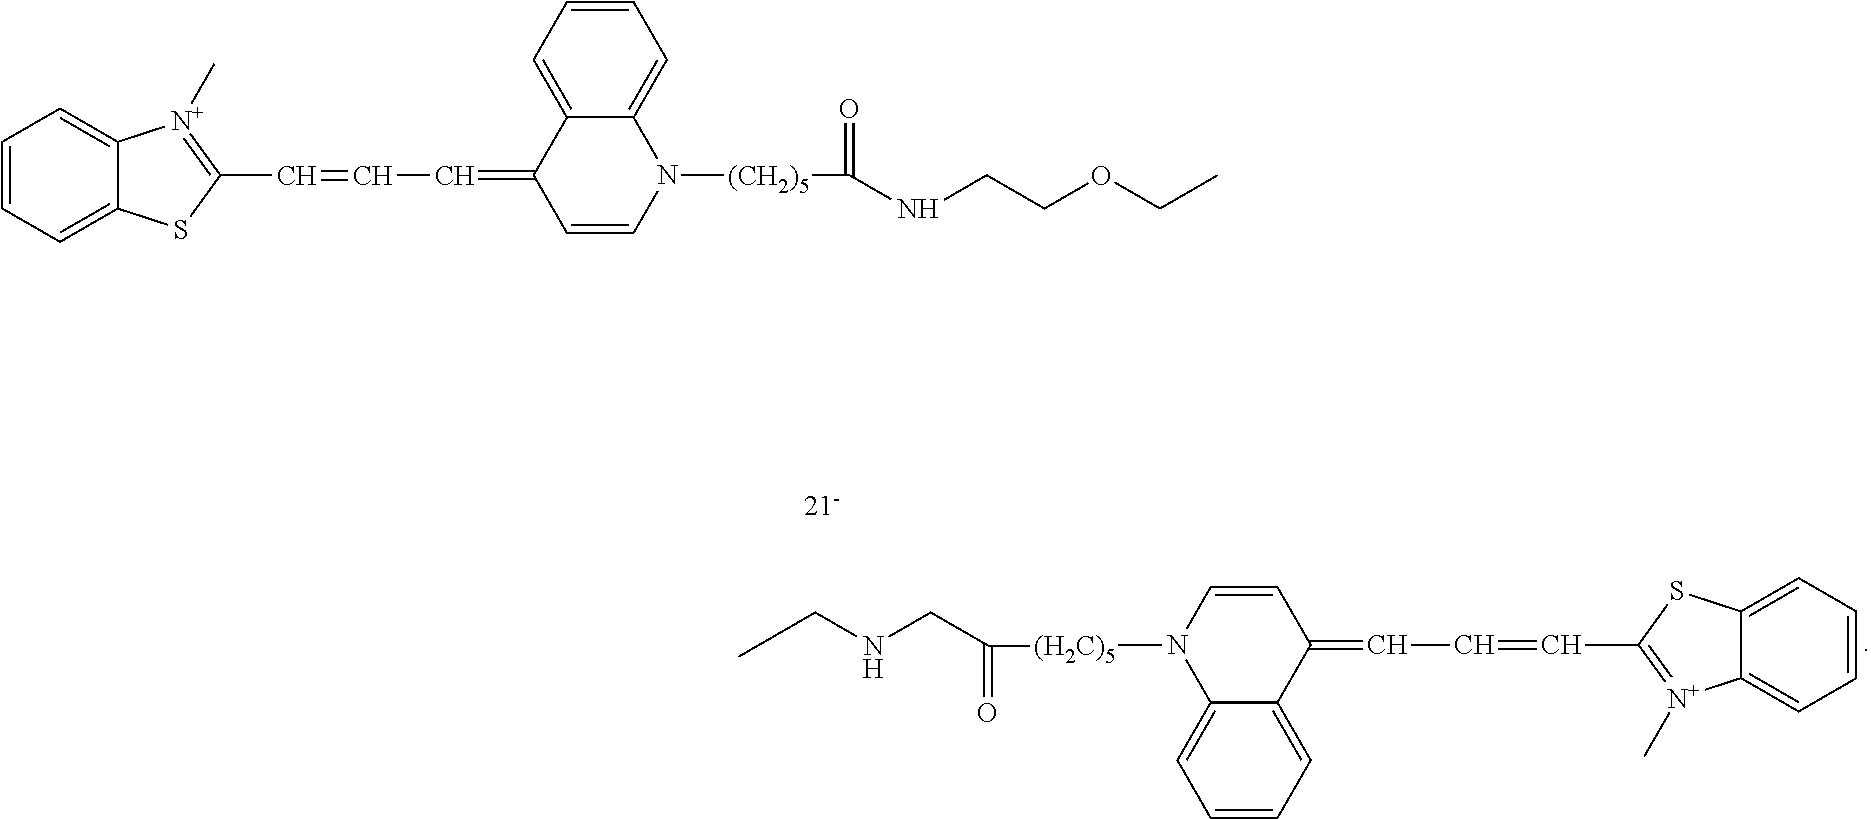 Figure US08877437-20141104-C00080